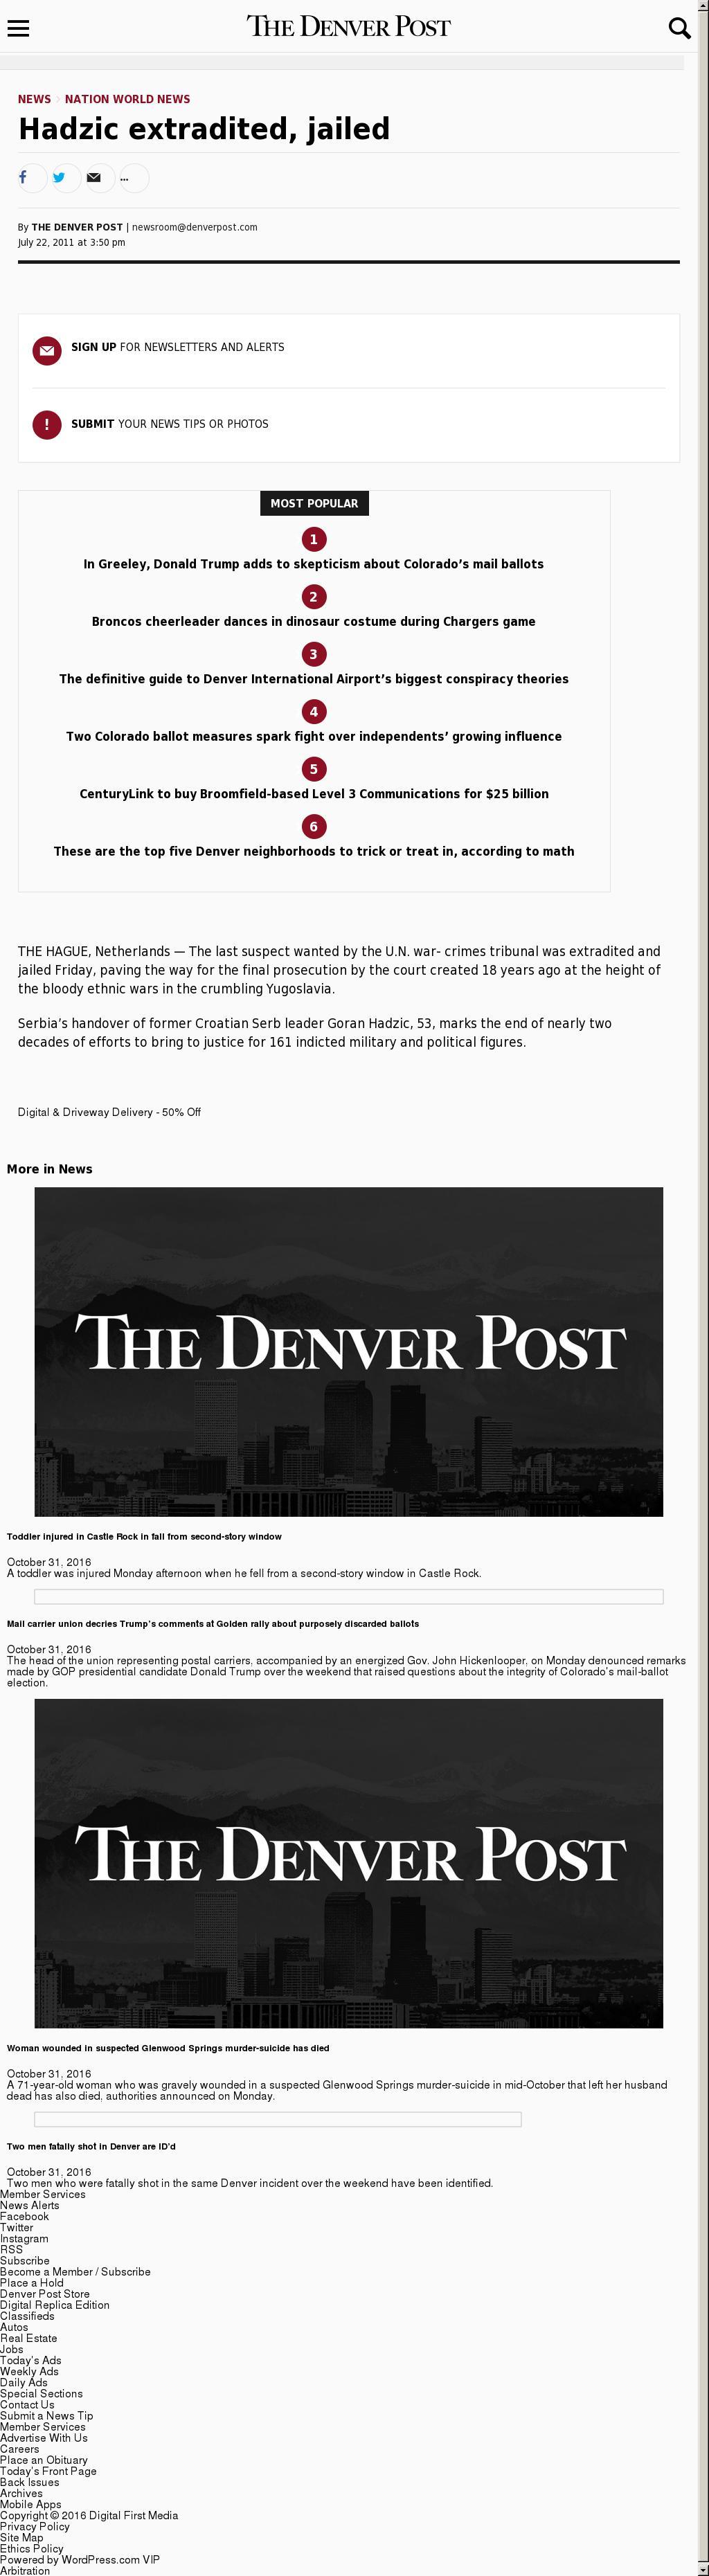 Denver Post at Tuesday Nov. 1, 2016, 2:03 a.m. UTC